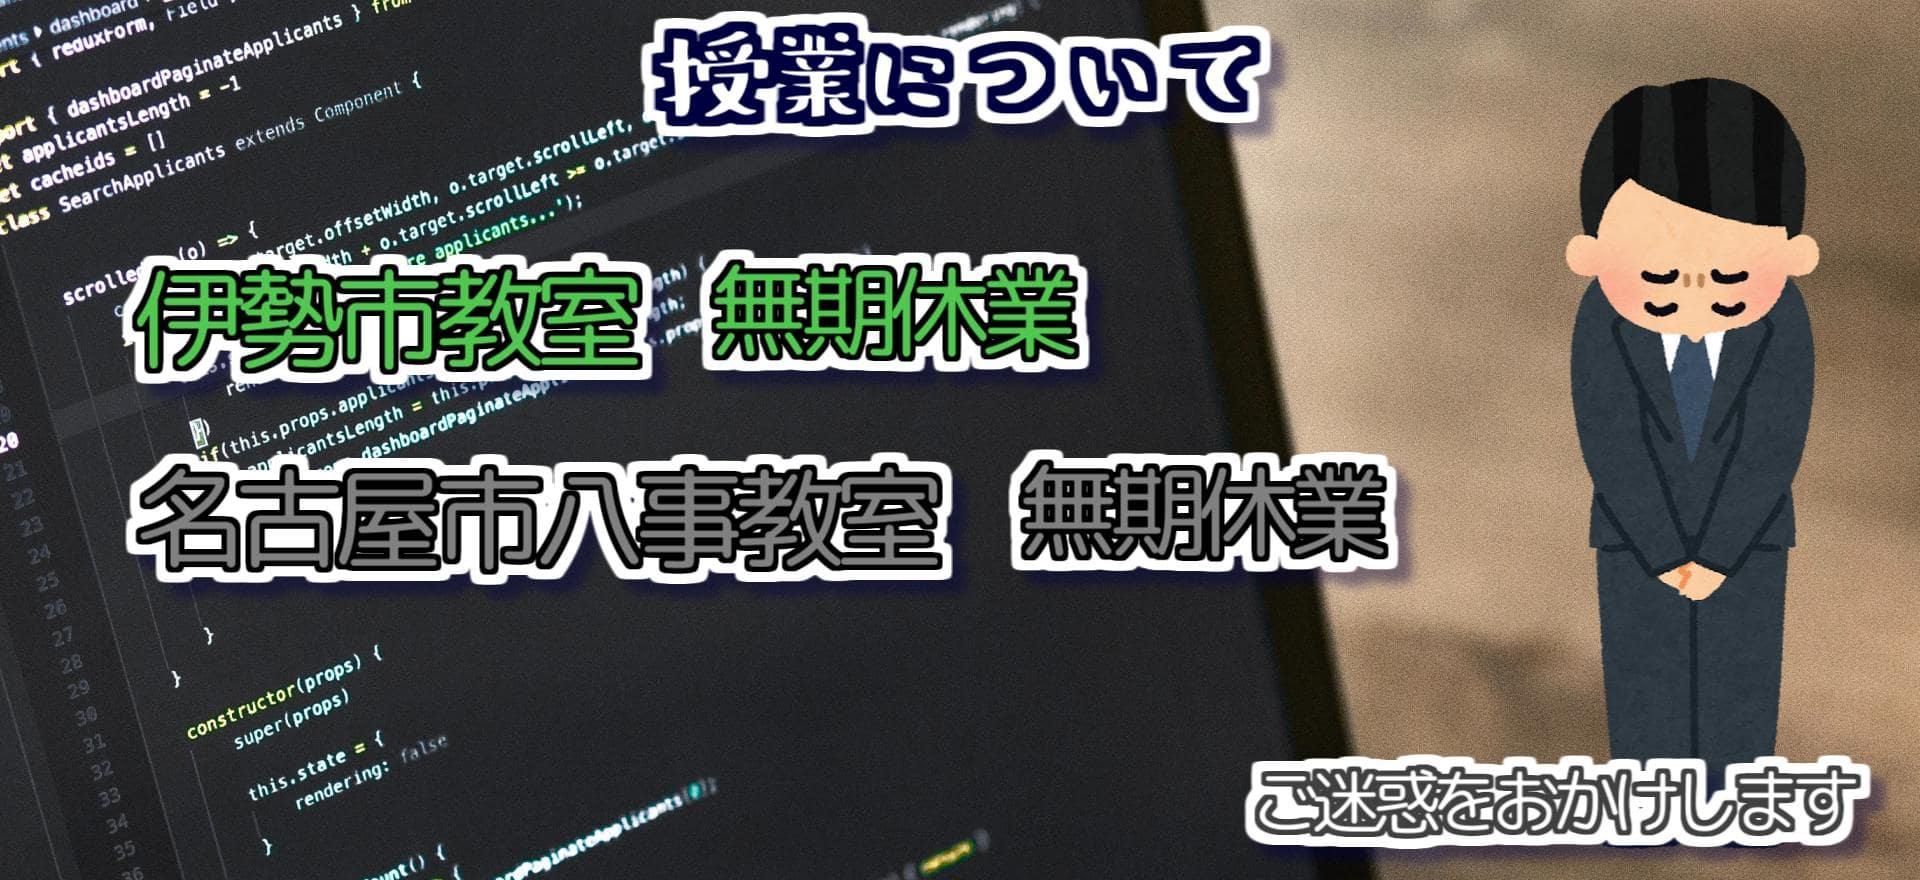 三重プログラミング教室『インターフェイサー』